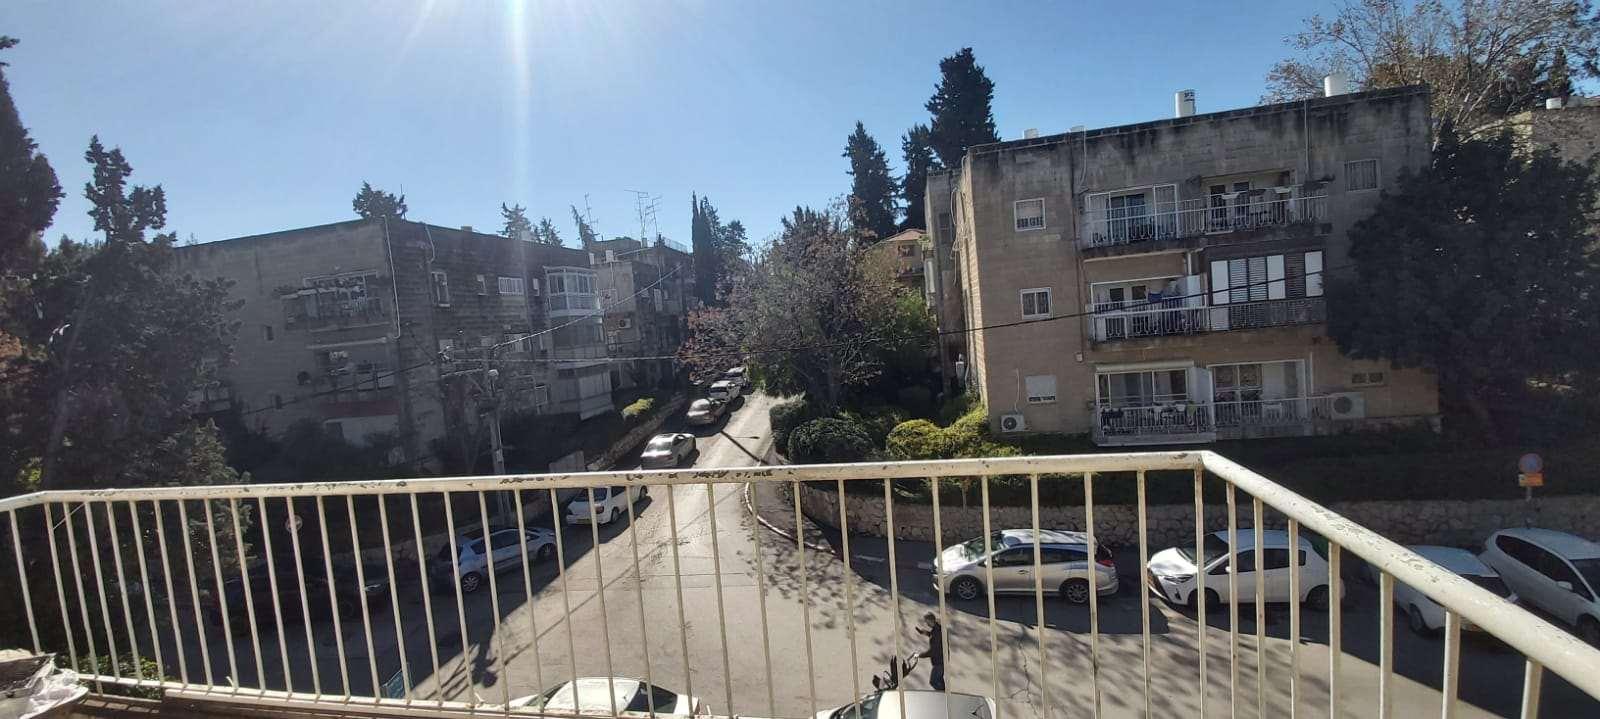 דירה להשכרה 3.5 חדרים בירושלים ביאליק בית הכרם